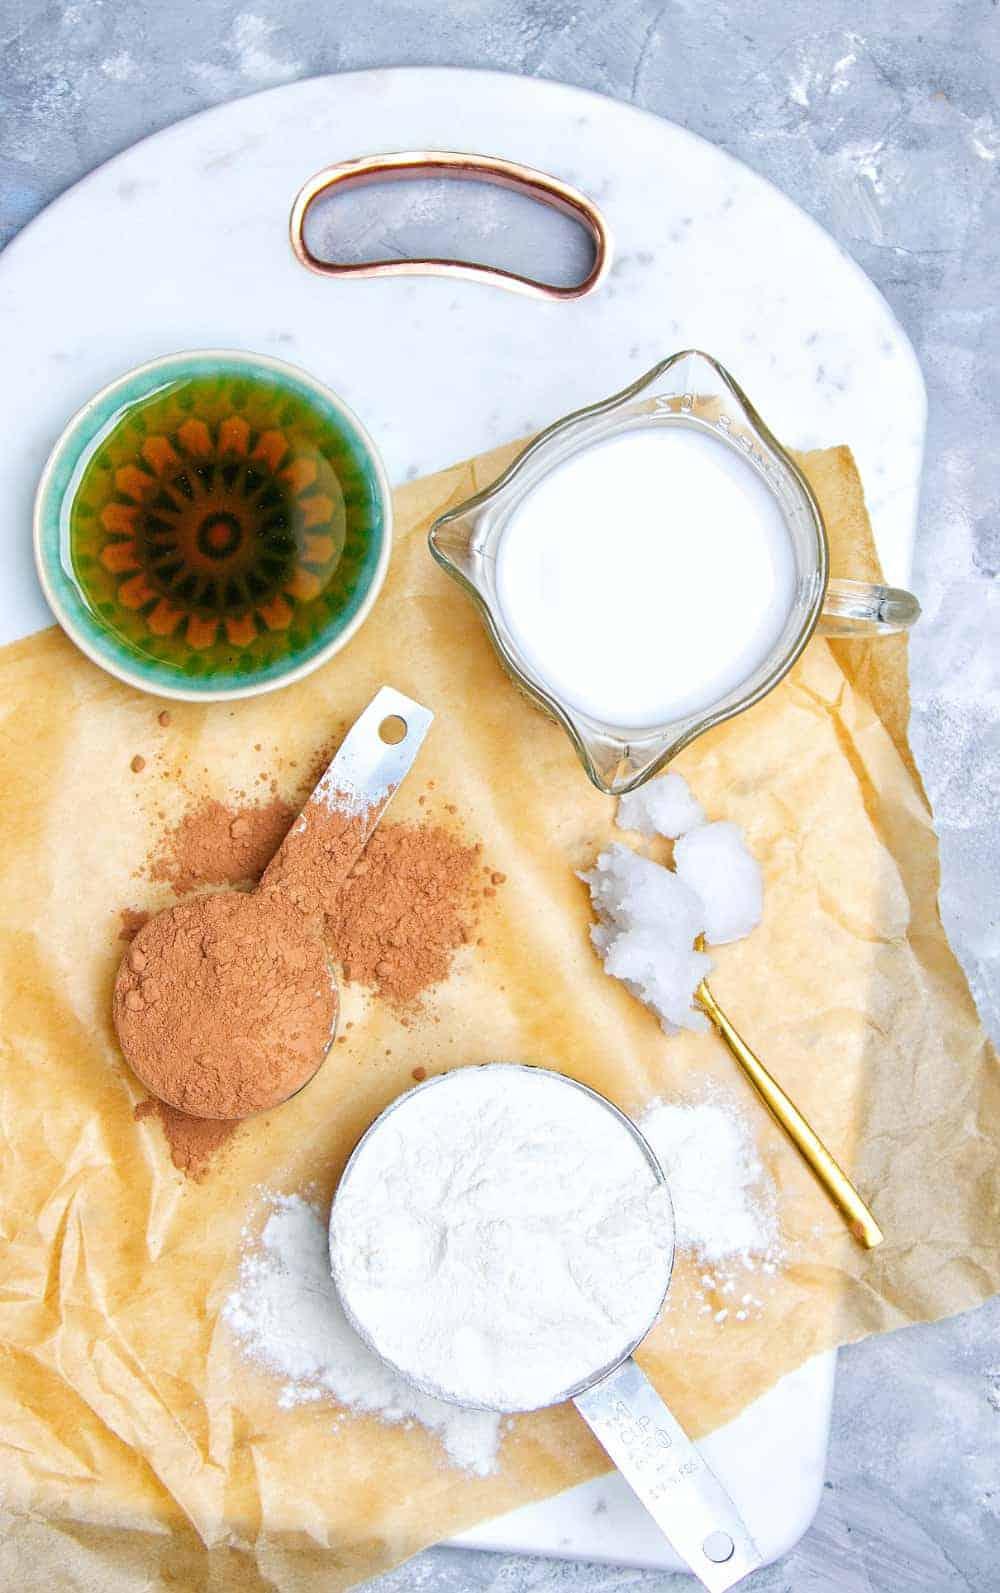 5 Ingredient Gluten Free Doughnut Ingredients